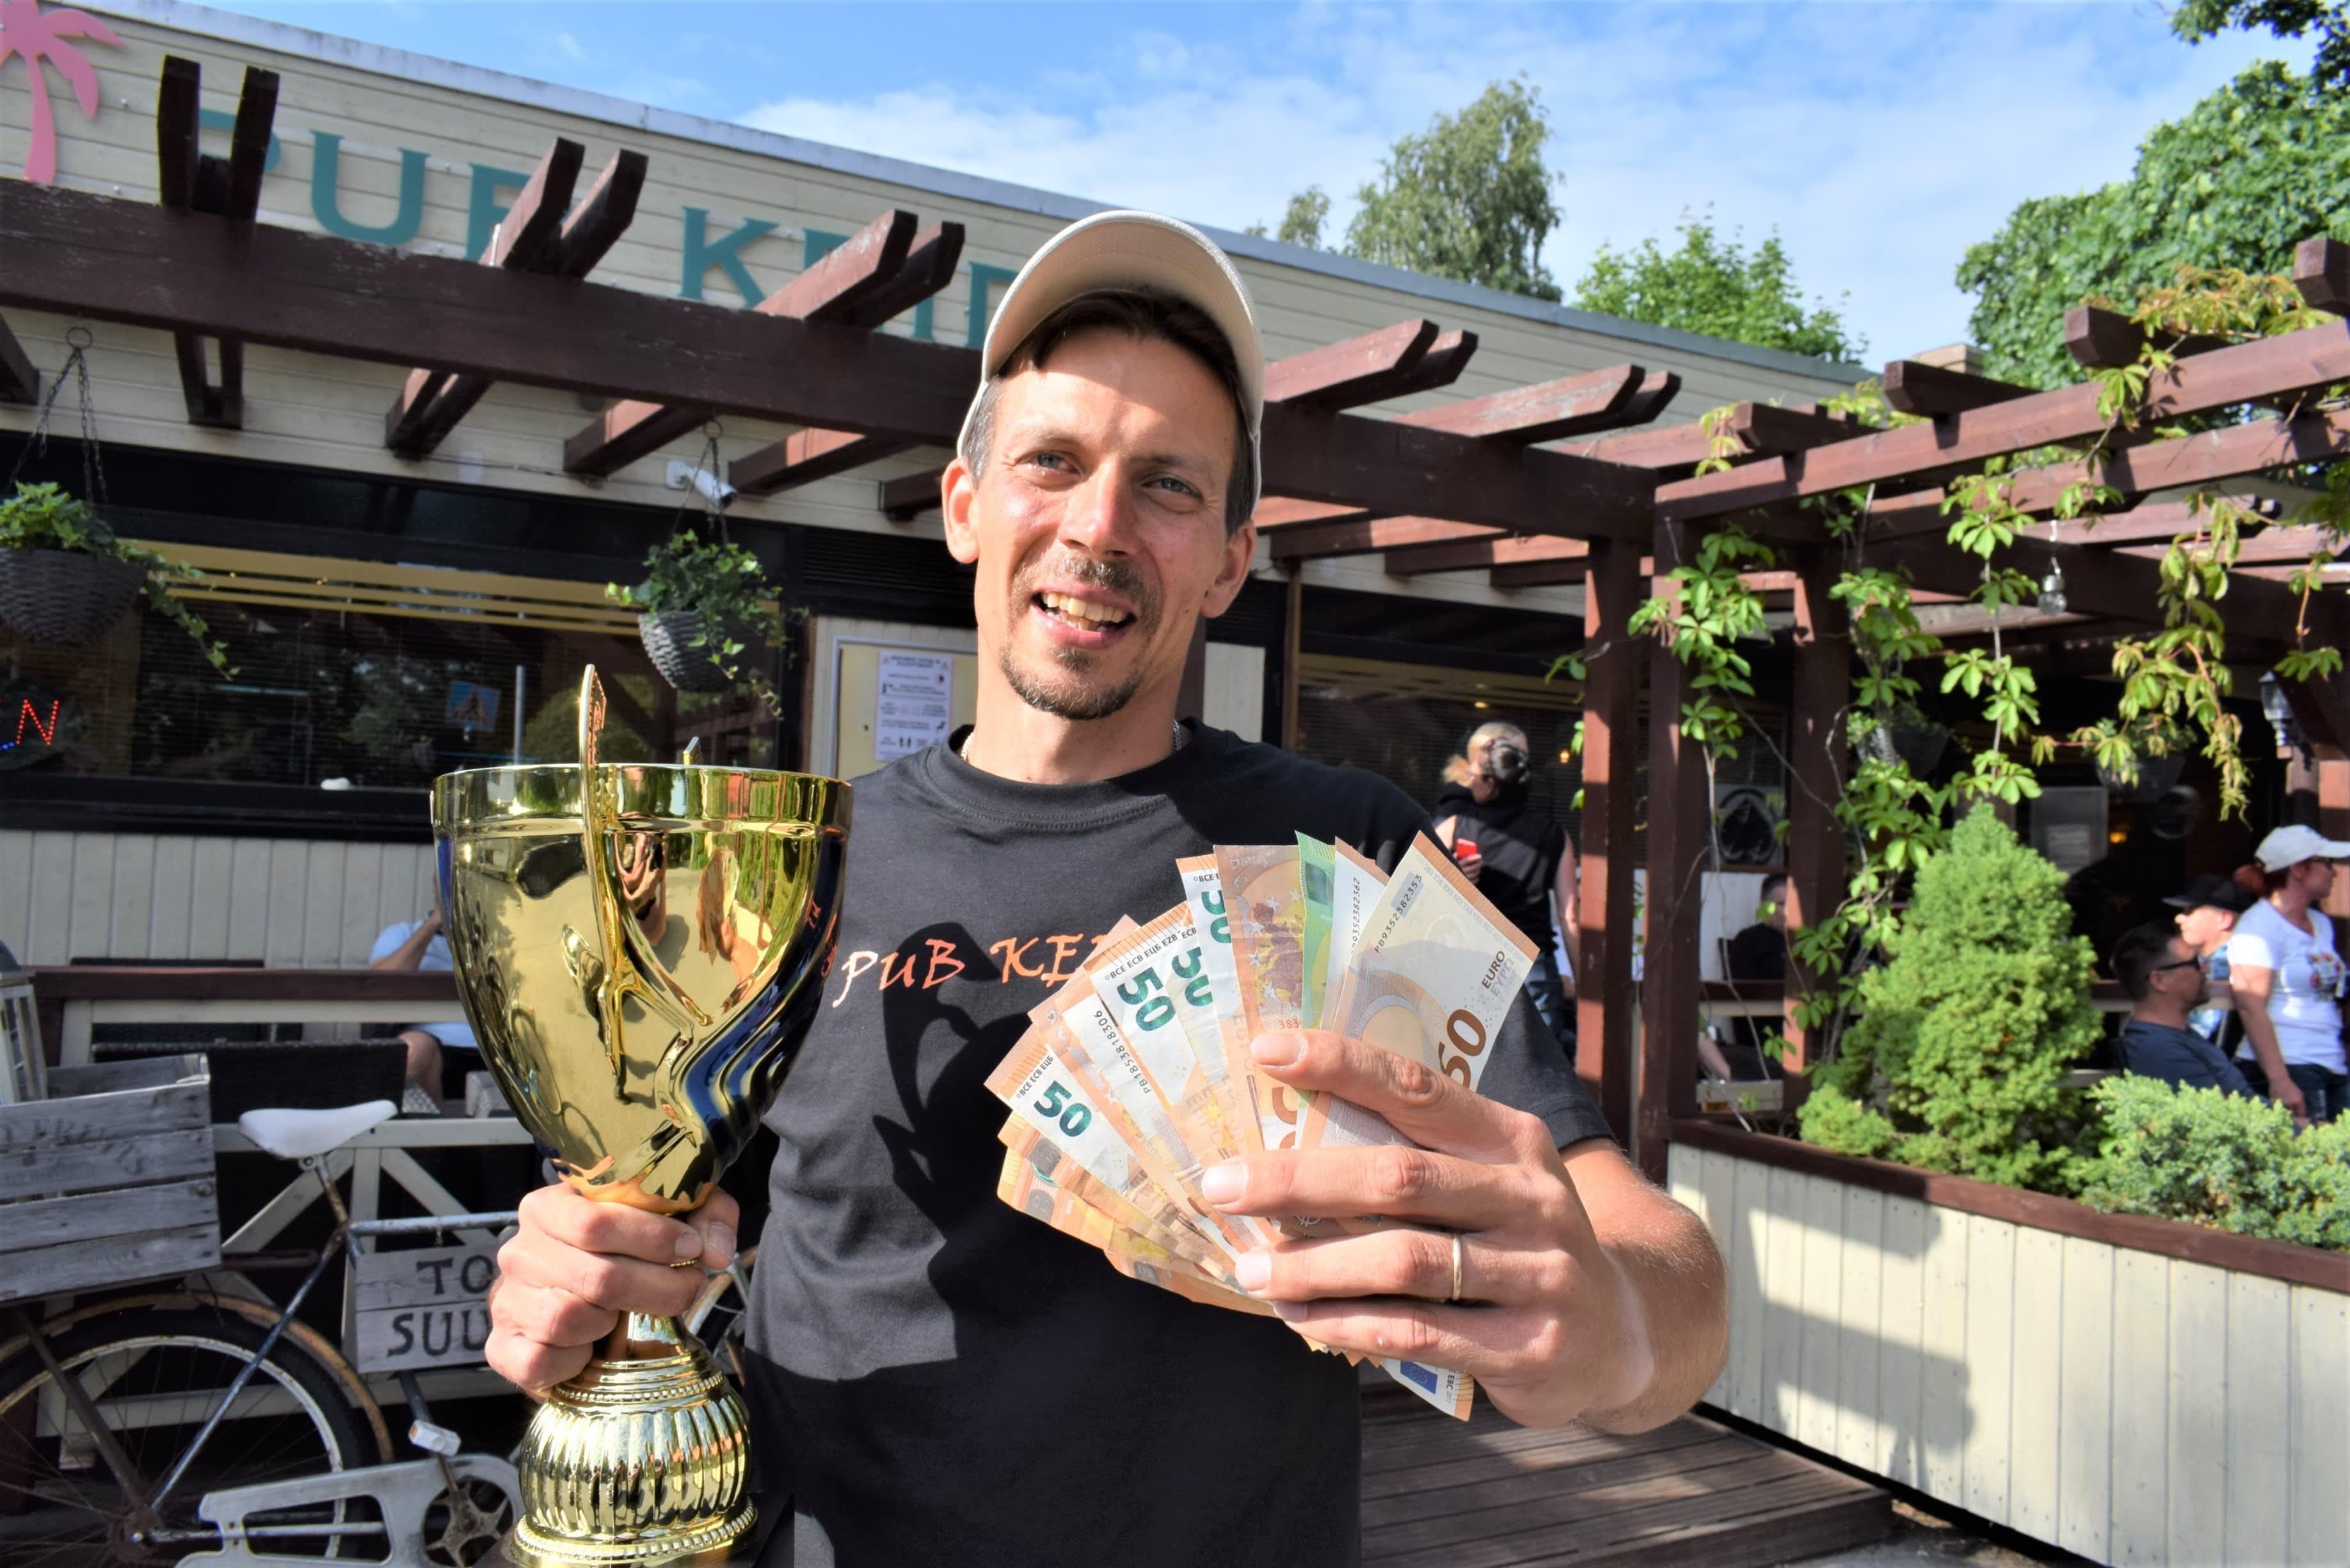 Rahan lisäksi voittaja sai suurimman pudottaja pokaalin ja tittelin.